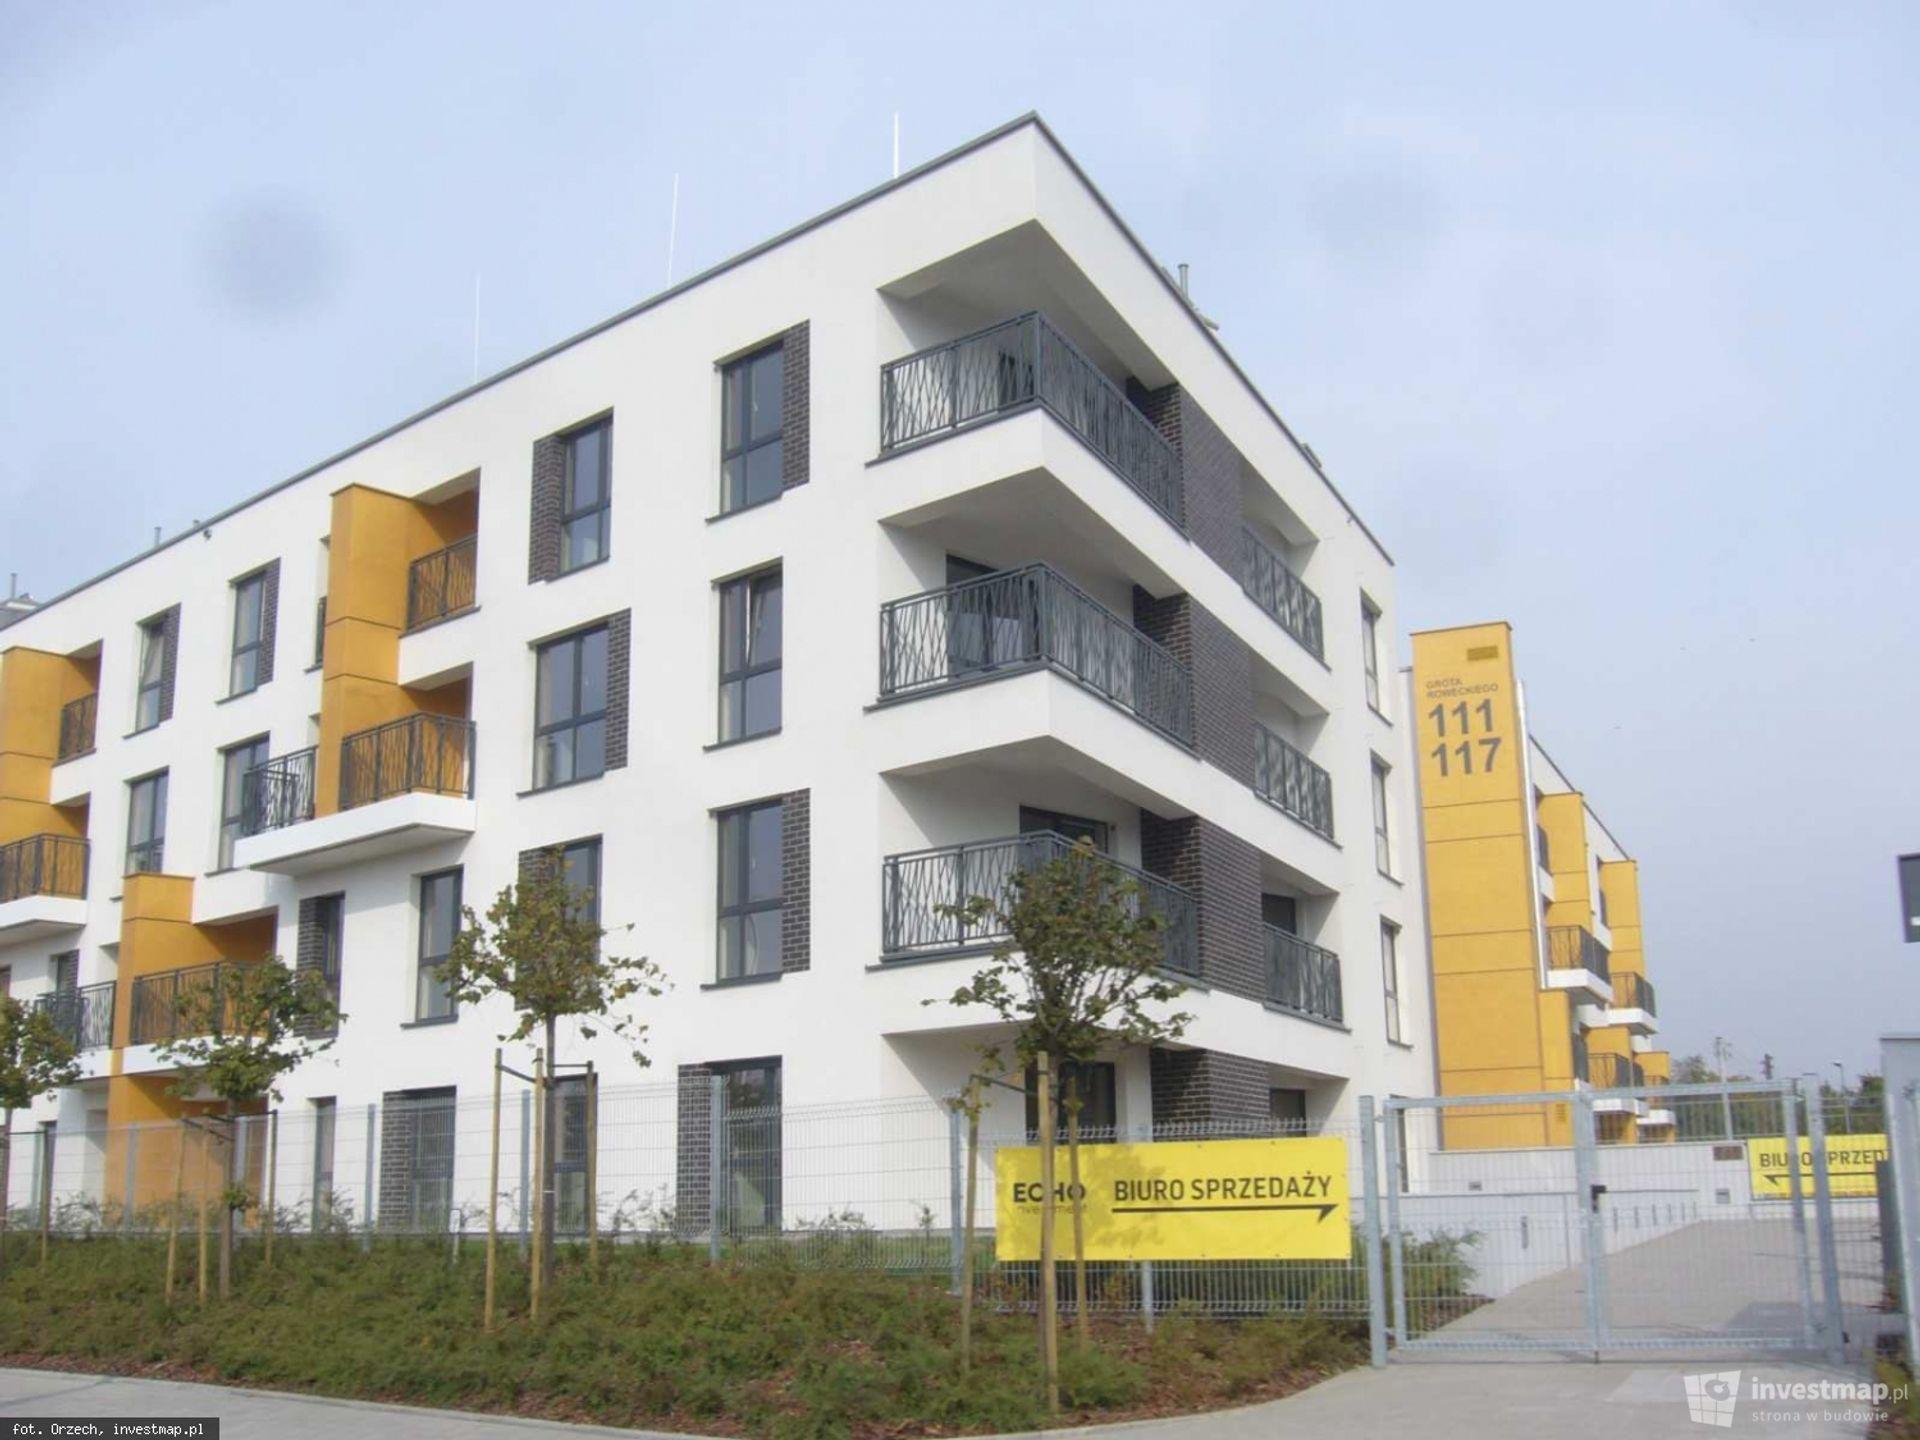 [Wrocław] W 2017 roku ruszą dwie nowe inwestycje mieszkaniowe Echo Investment S.A.